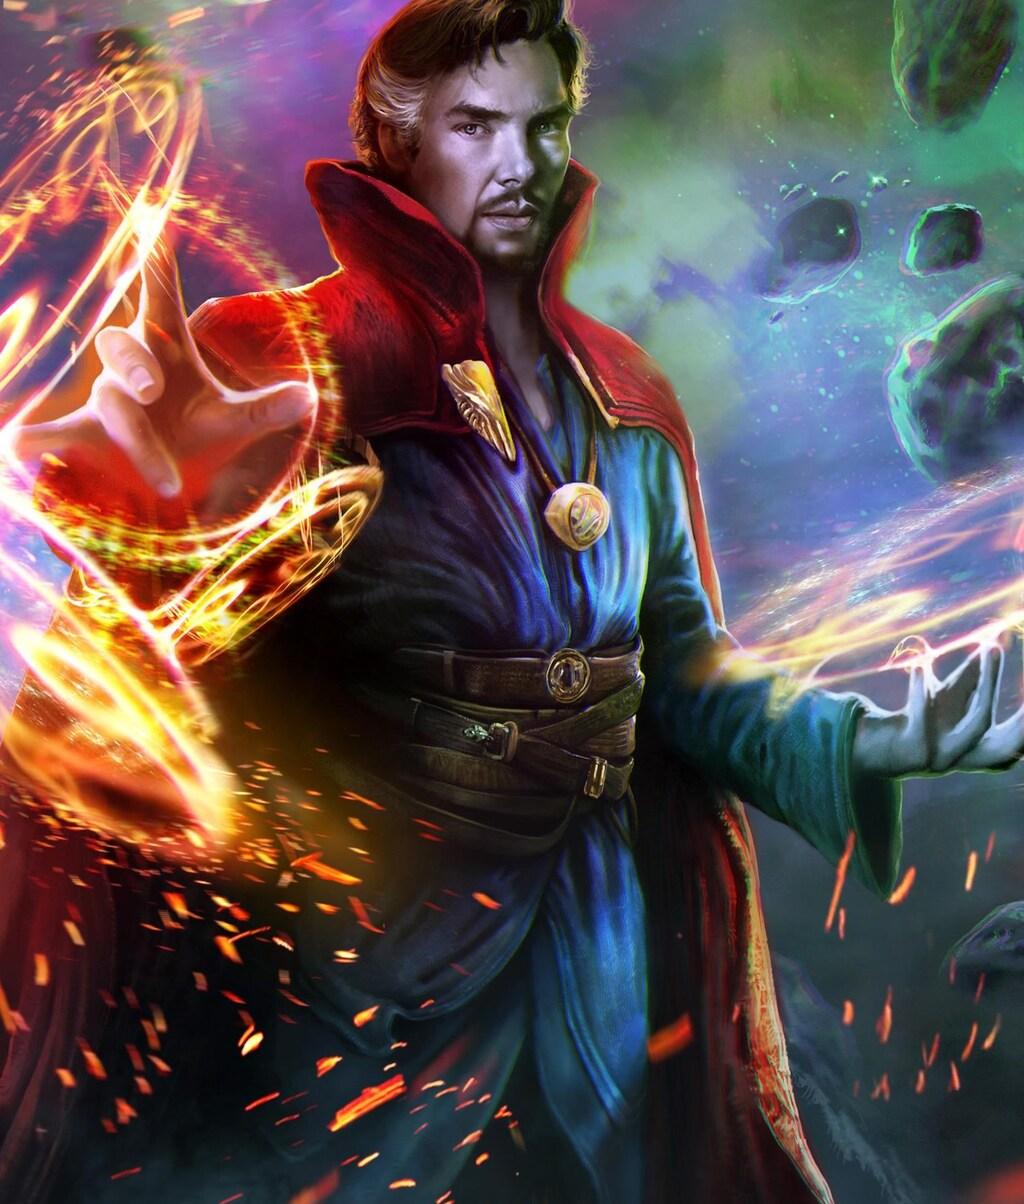 1024x1204 Doctor Strange Fan Art 1024x1204 Resolution HD ...